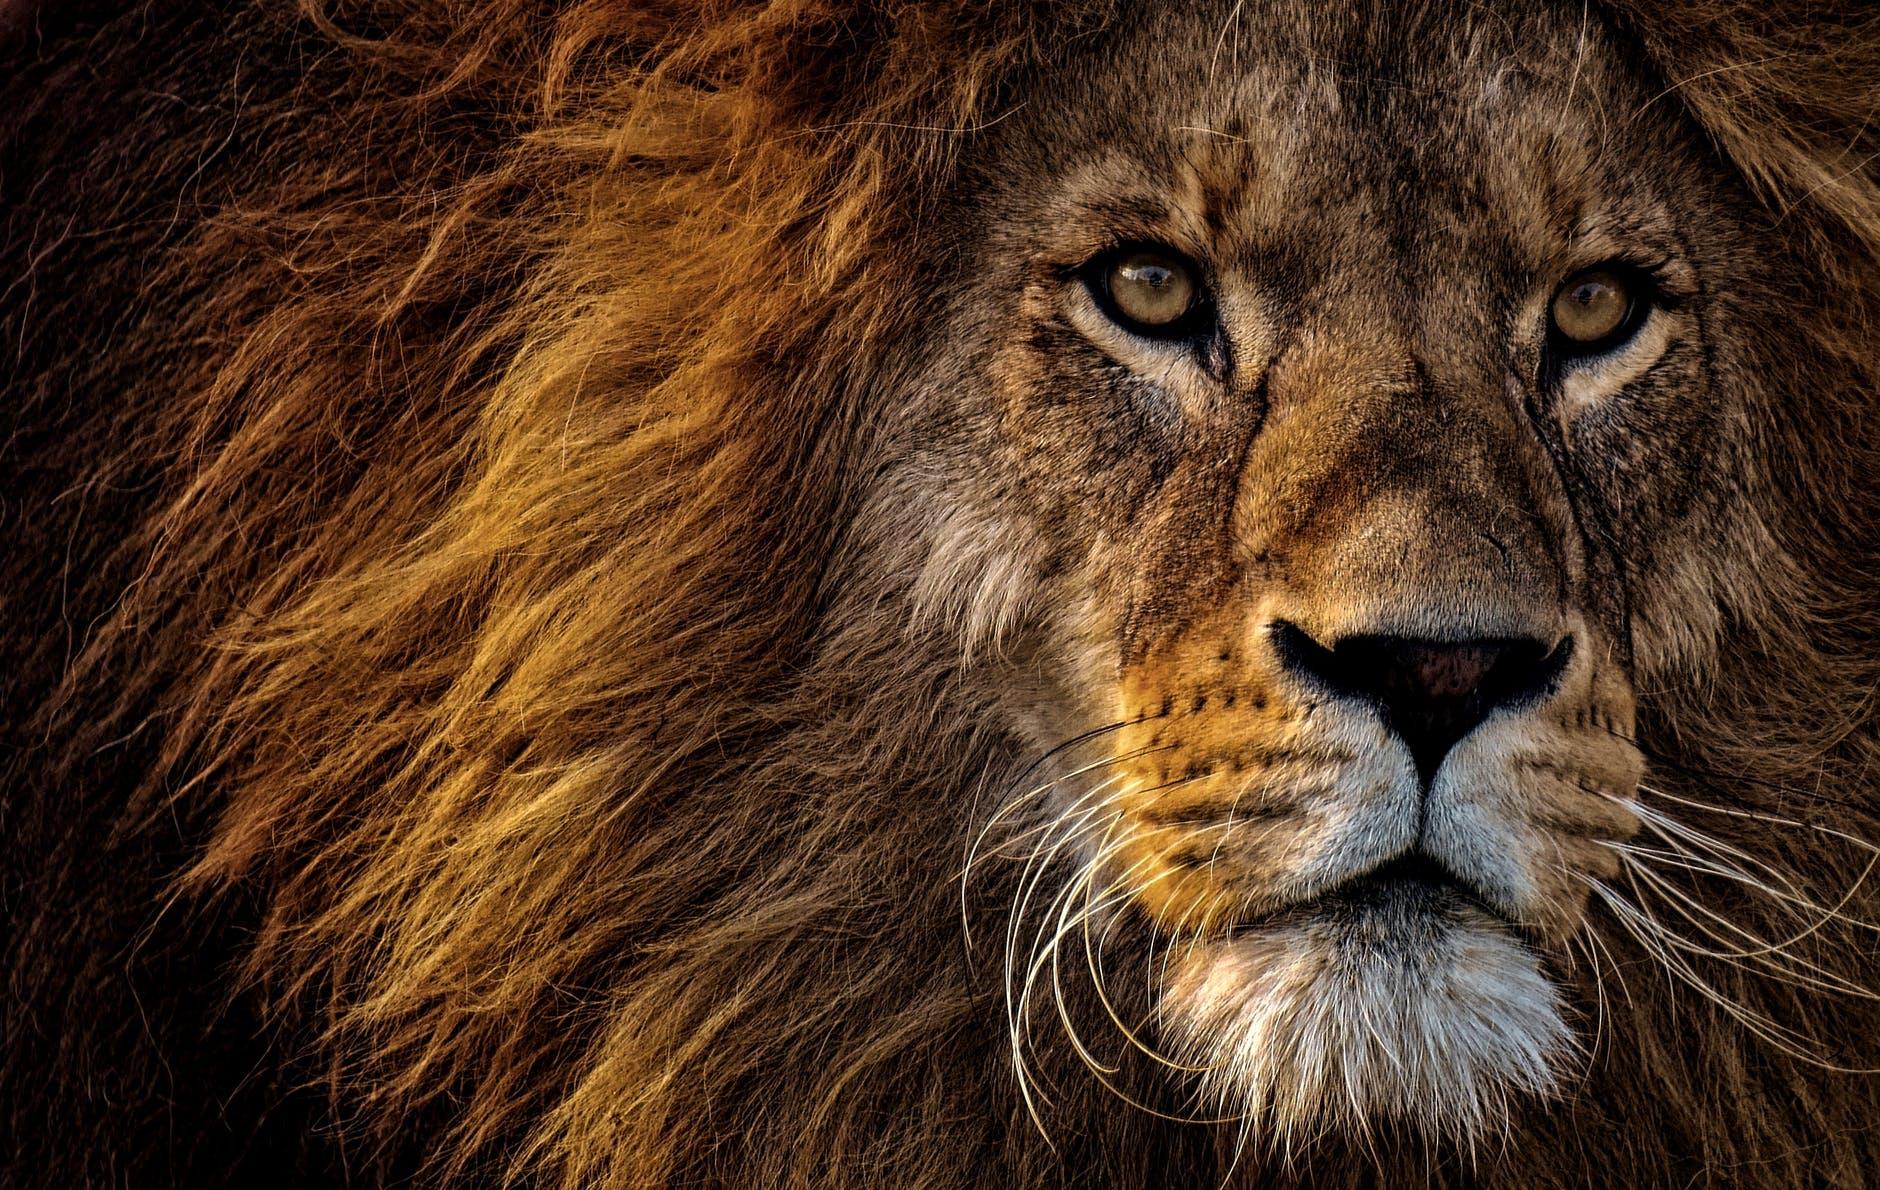 Напавший на девочку лев содержался на базе отдыха в Успенском районе незаконно